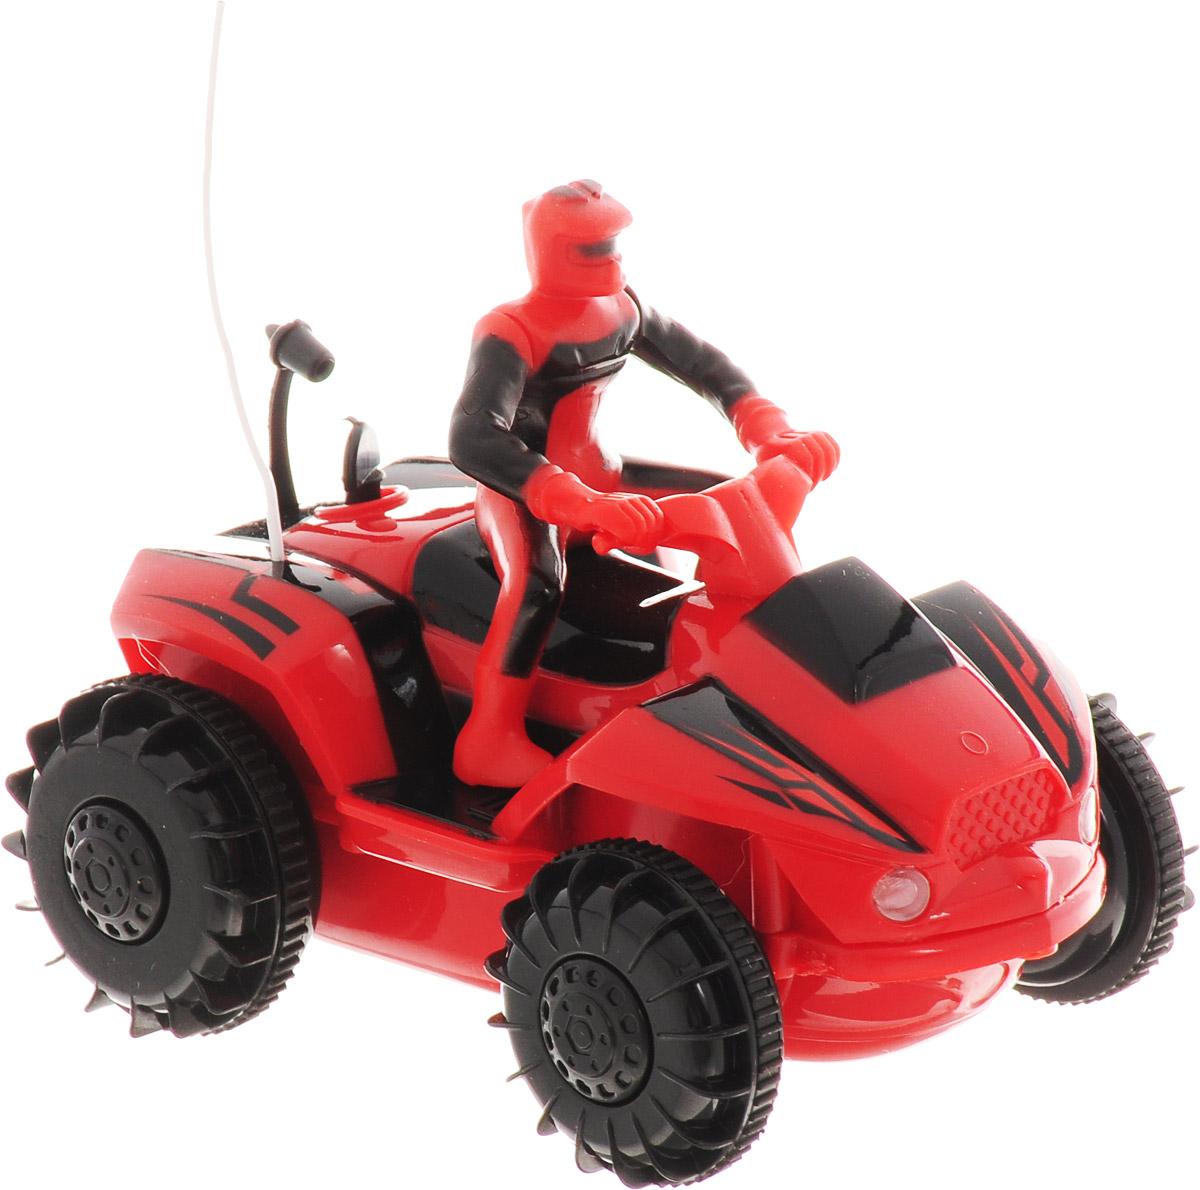 Pilotage Квадроцикл на радиоуправлении цвет красный